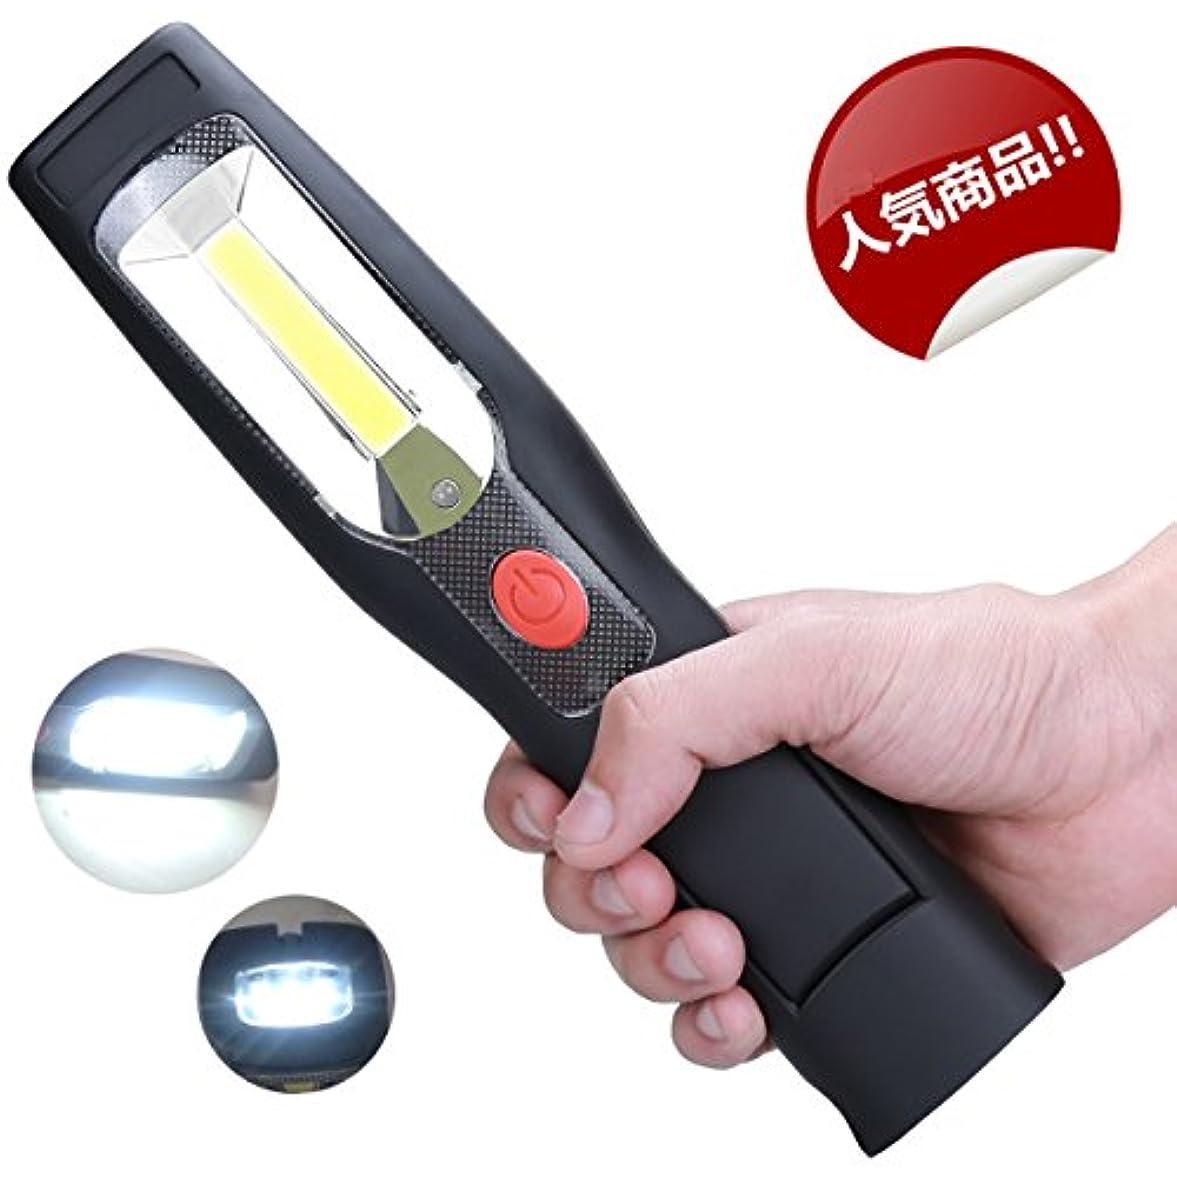 広範囲電極嘆願LEDハンディライト 充電式リチウムイオン電池内蔵 COB 250ルーメン 12V/100V